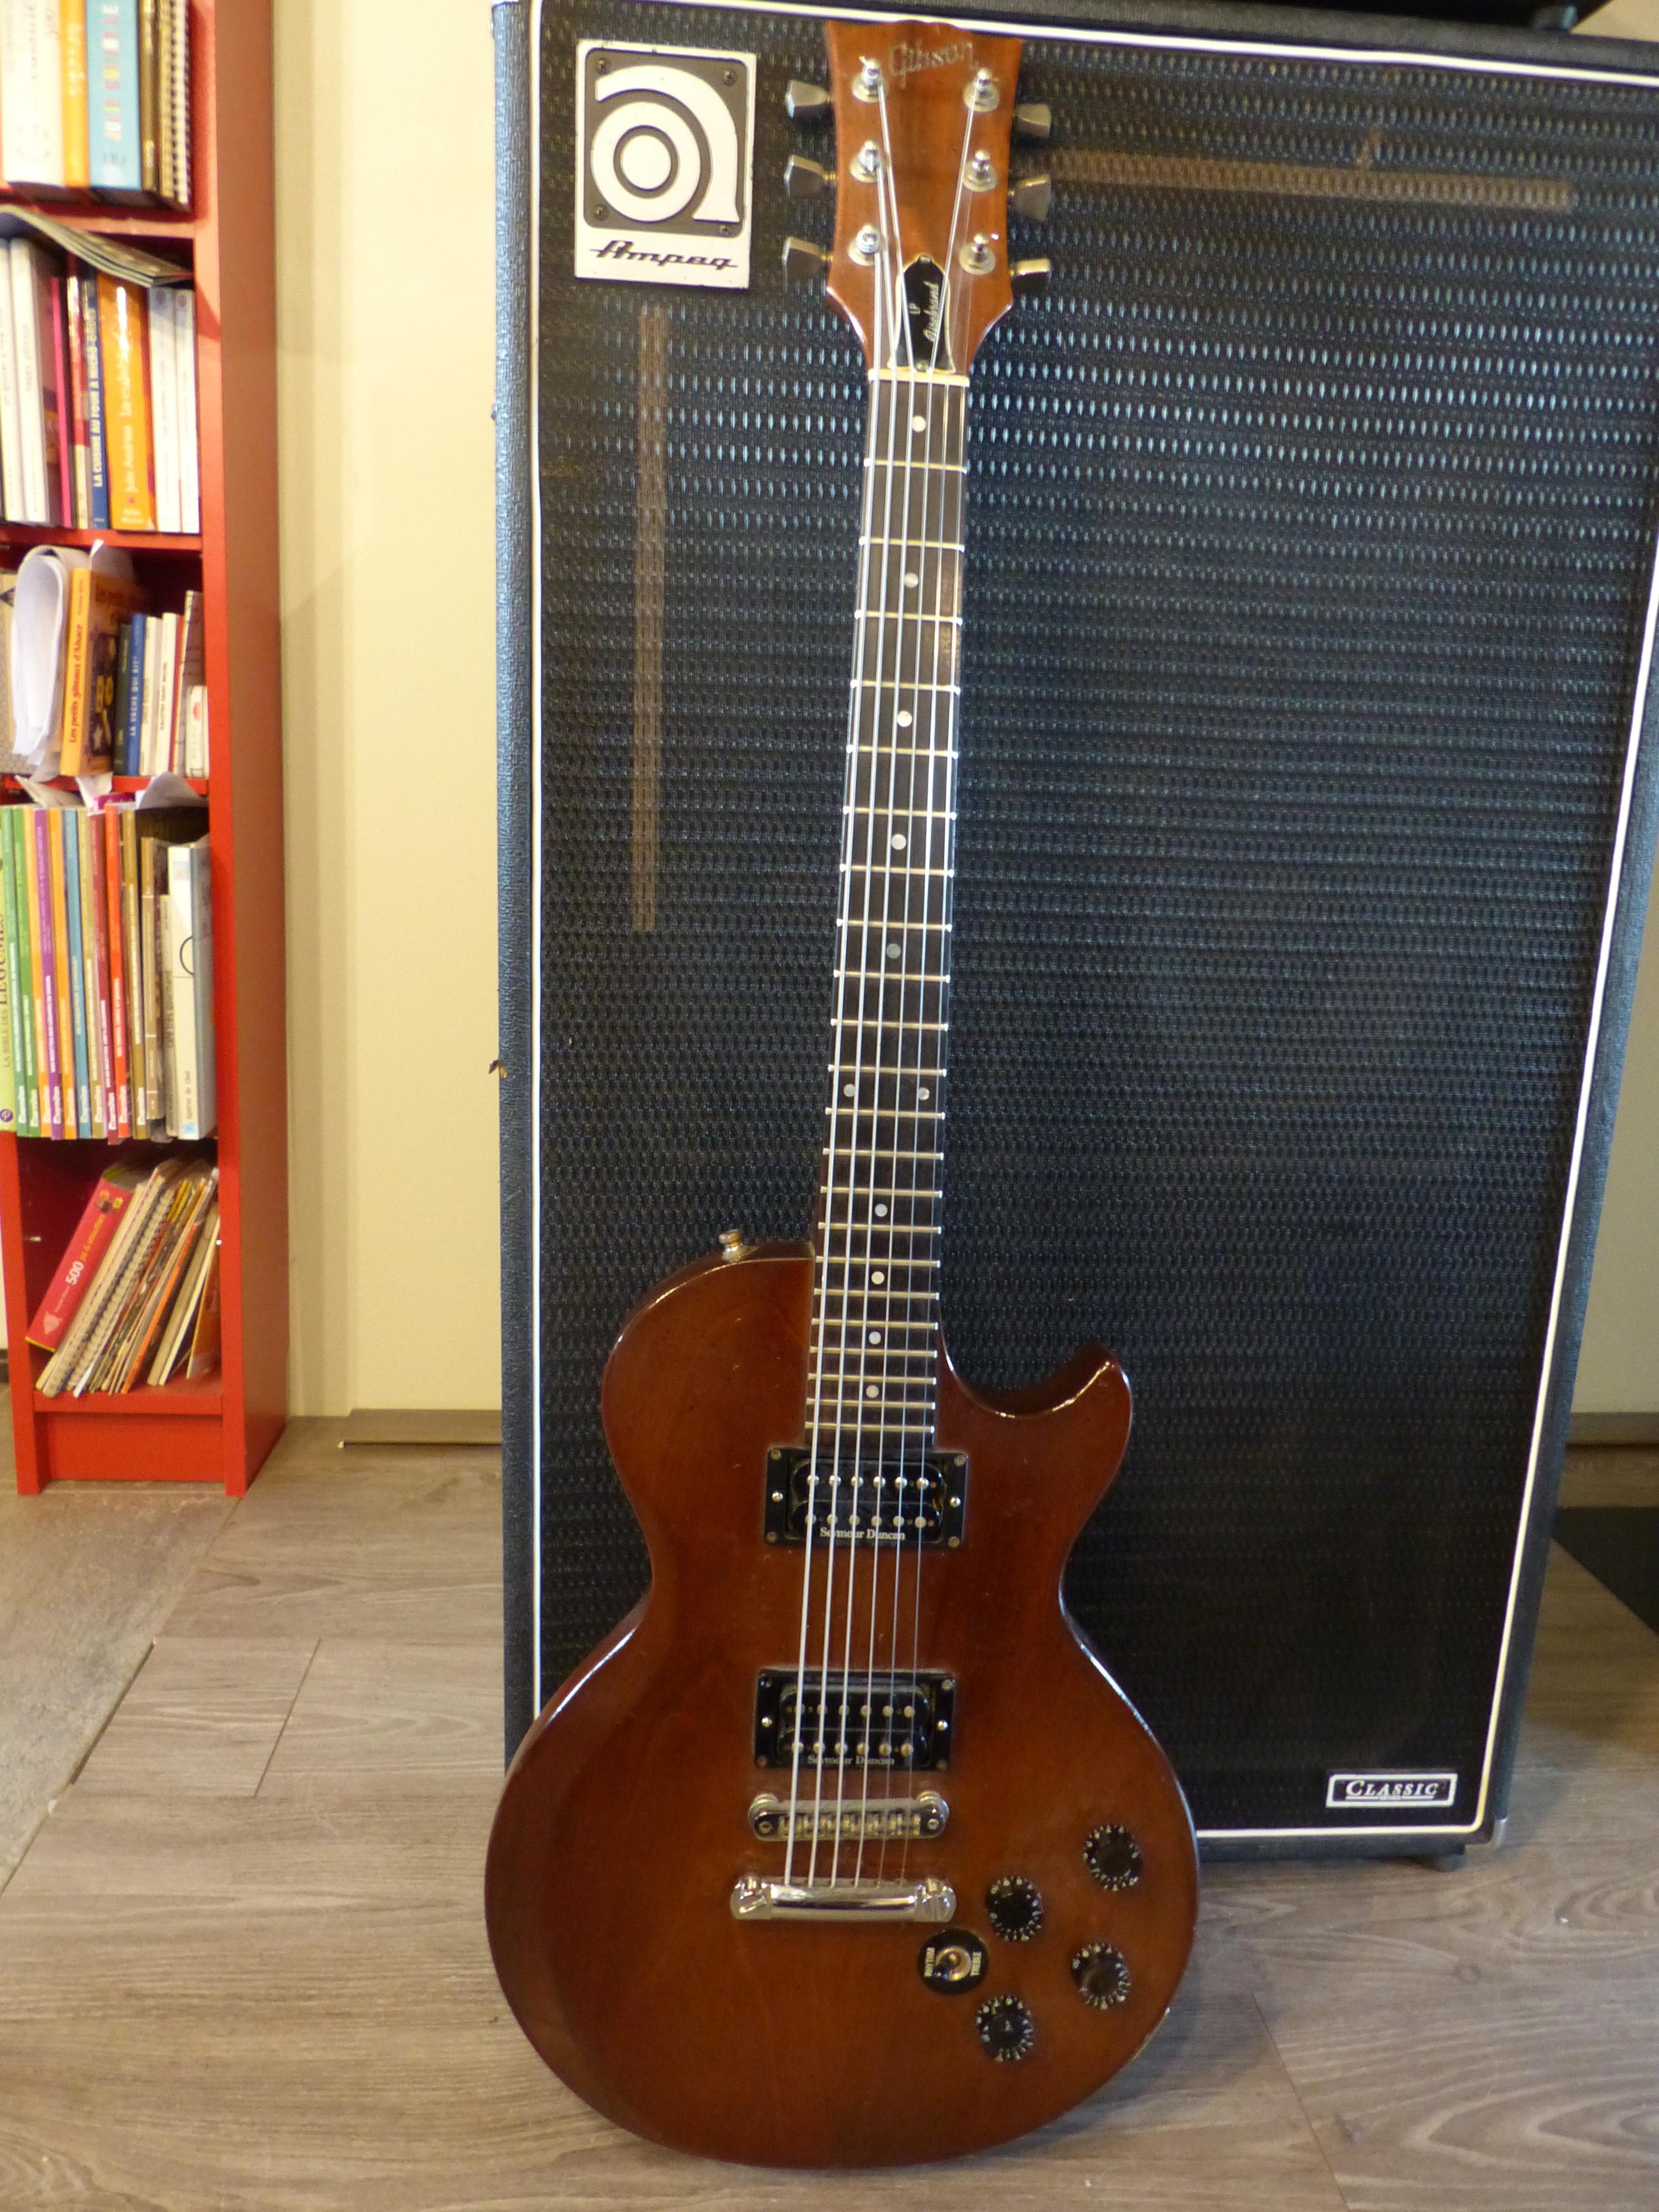 guitare electrique 800 euros